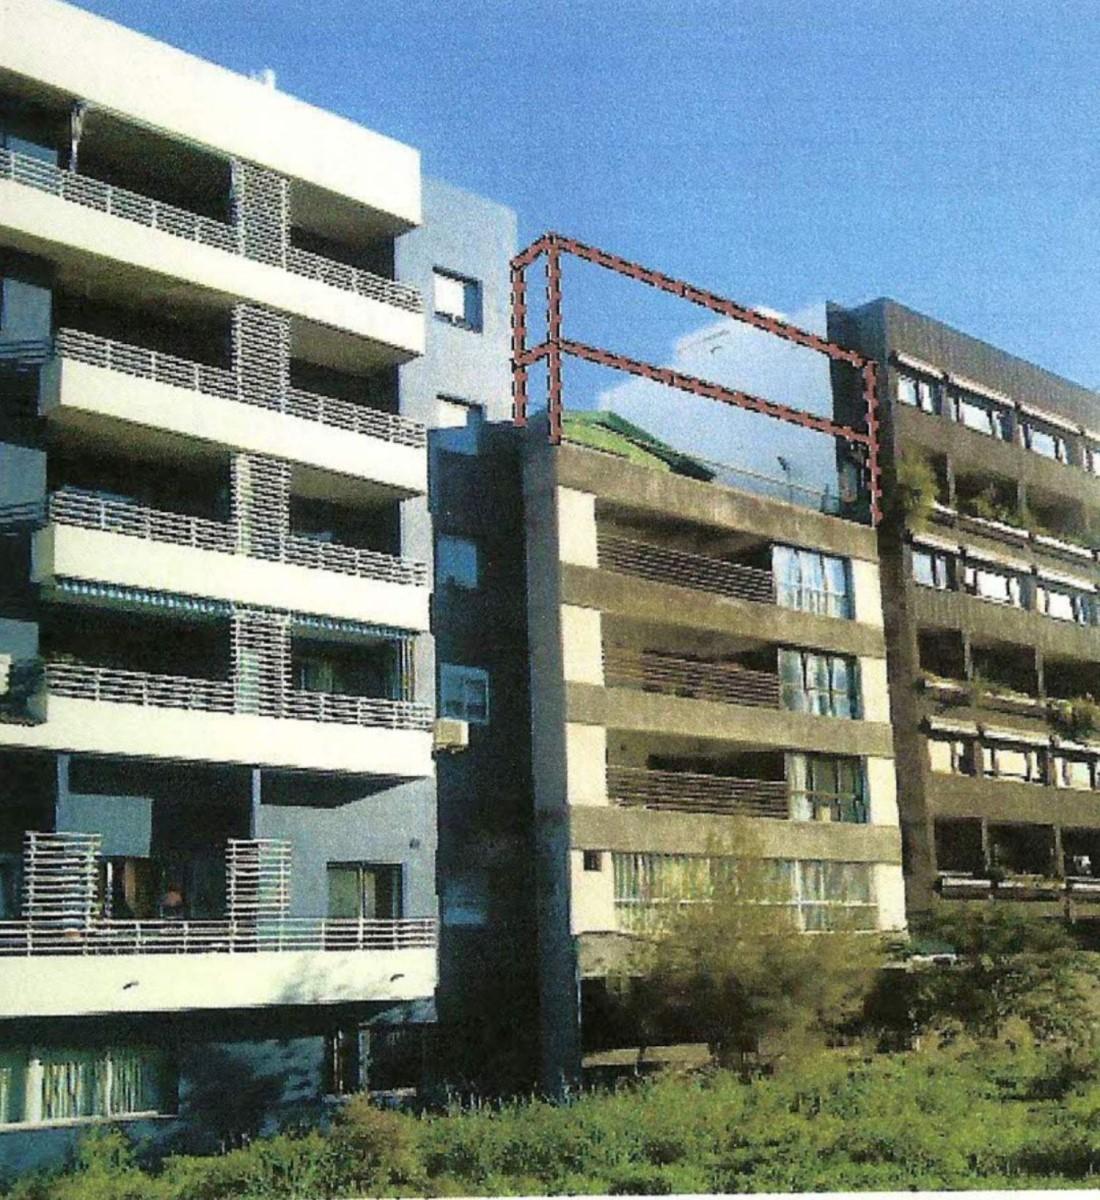 Edificio de Viviendas en Venta en Cabo Llanos - Muelle, Santa Cruz de Tenerife